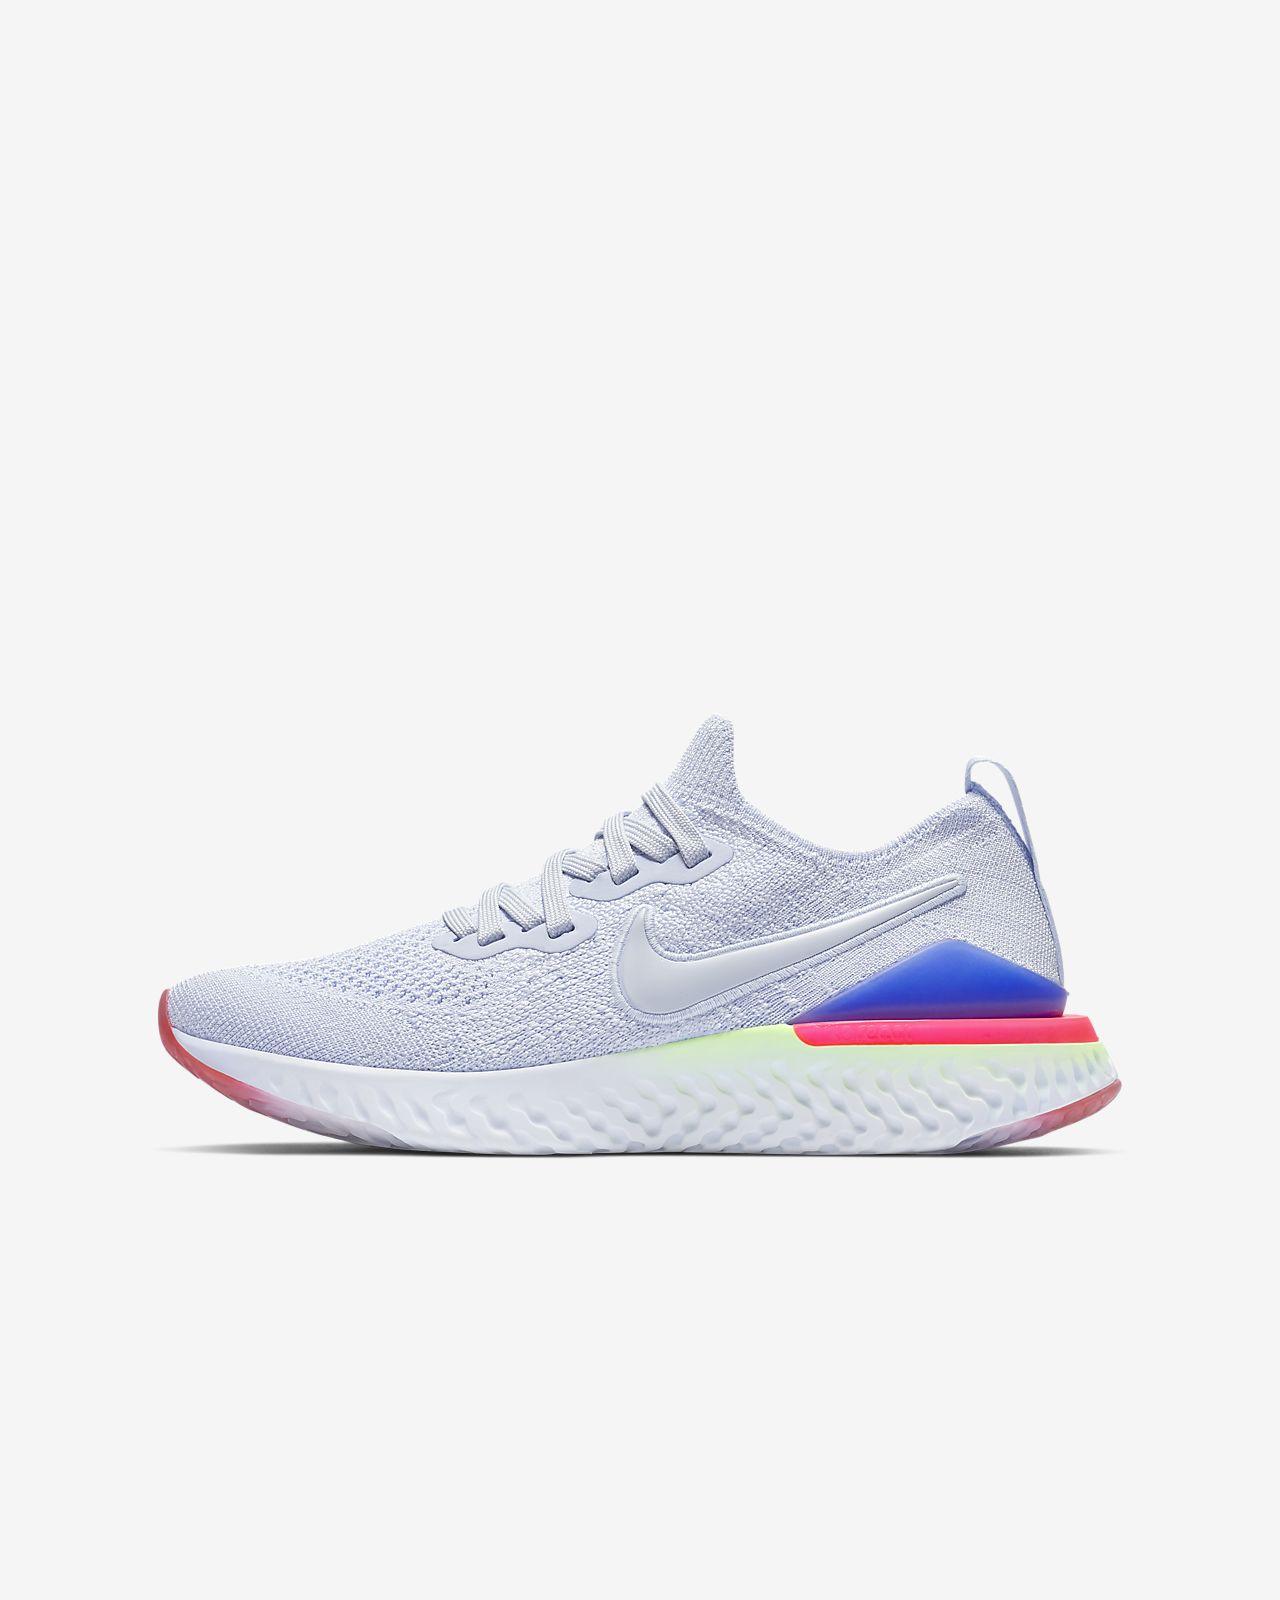 073a0a6605 Nike Epic React Flyknit 2 Big Kids  Running Shoe. Nike.com